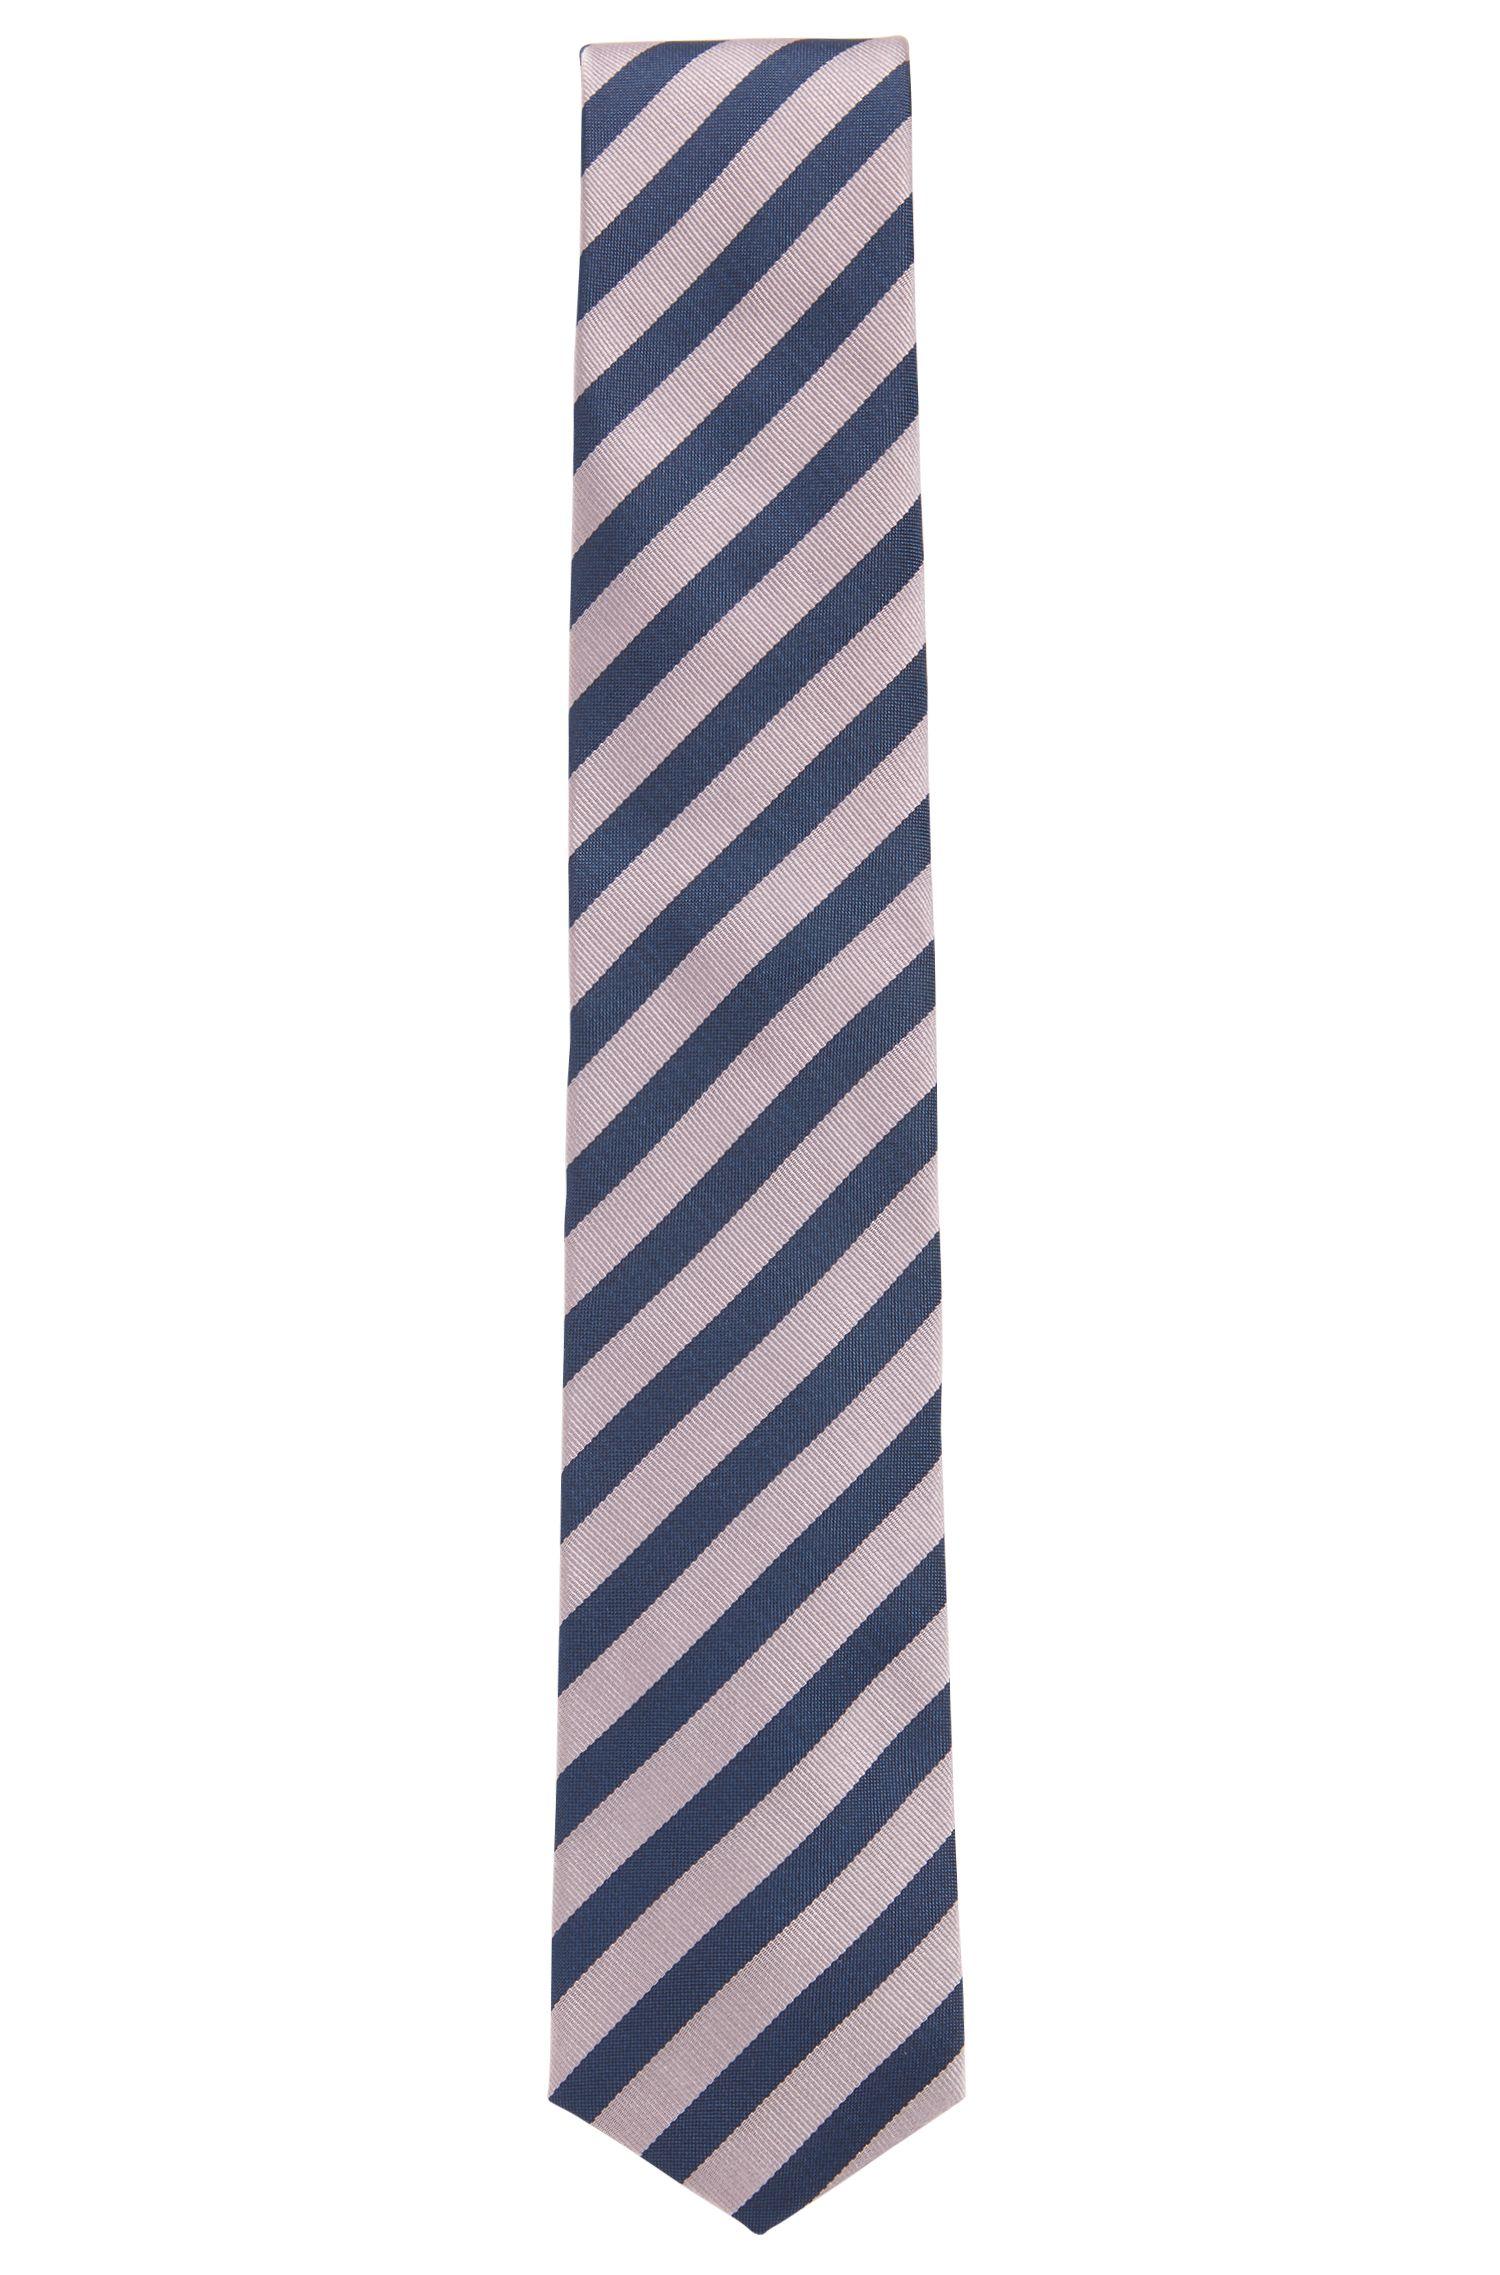 Diagonal gestreifte Krawatte aus wasserabweisender Seide, Hellrosa